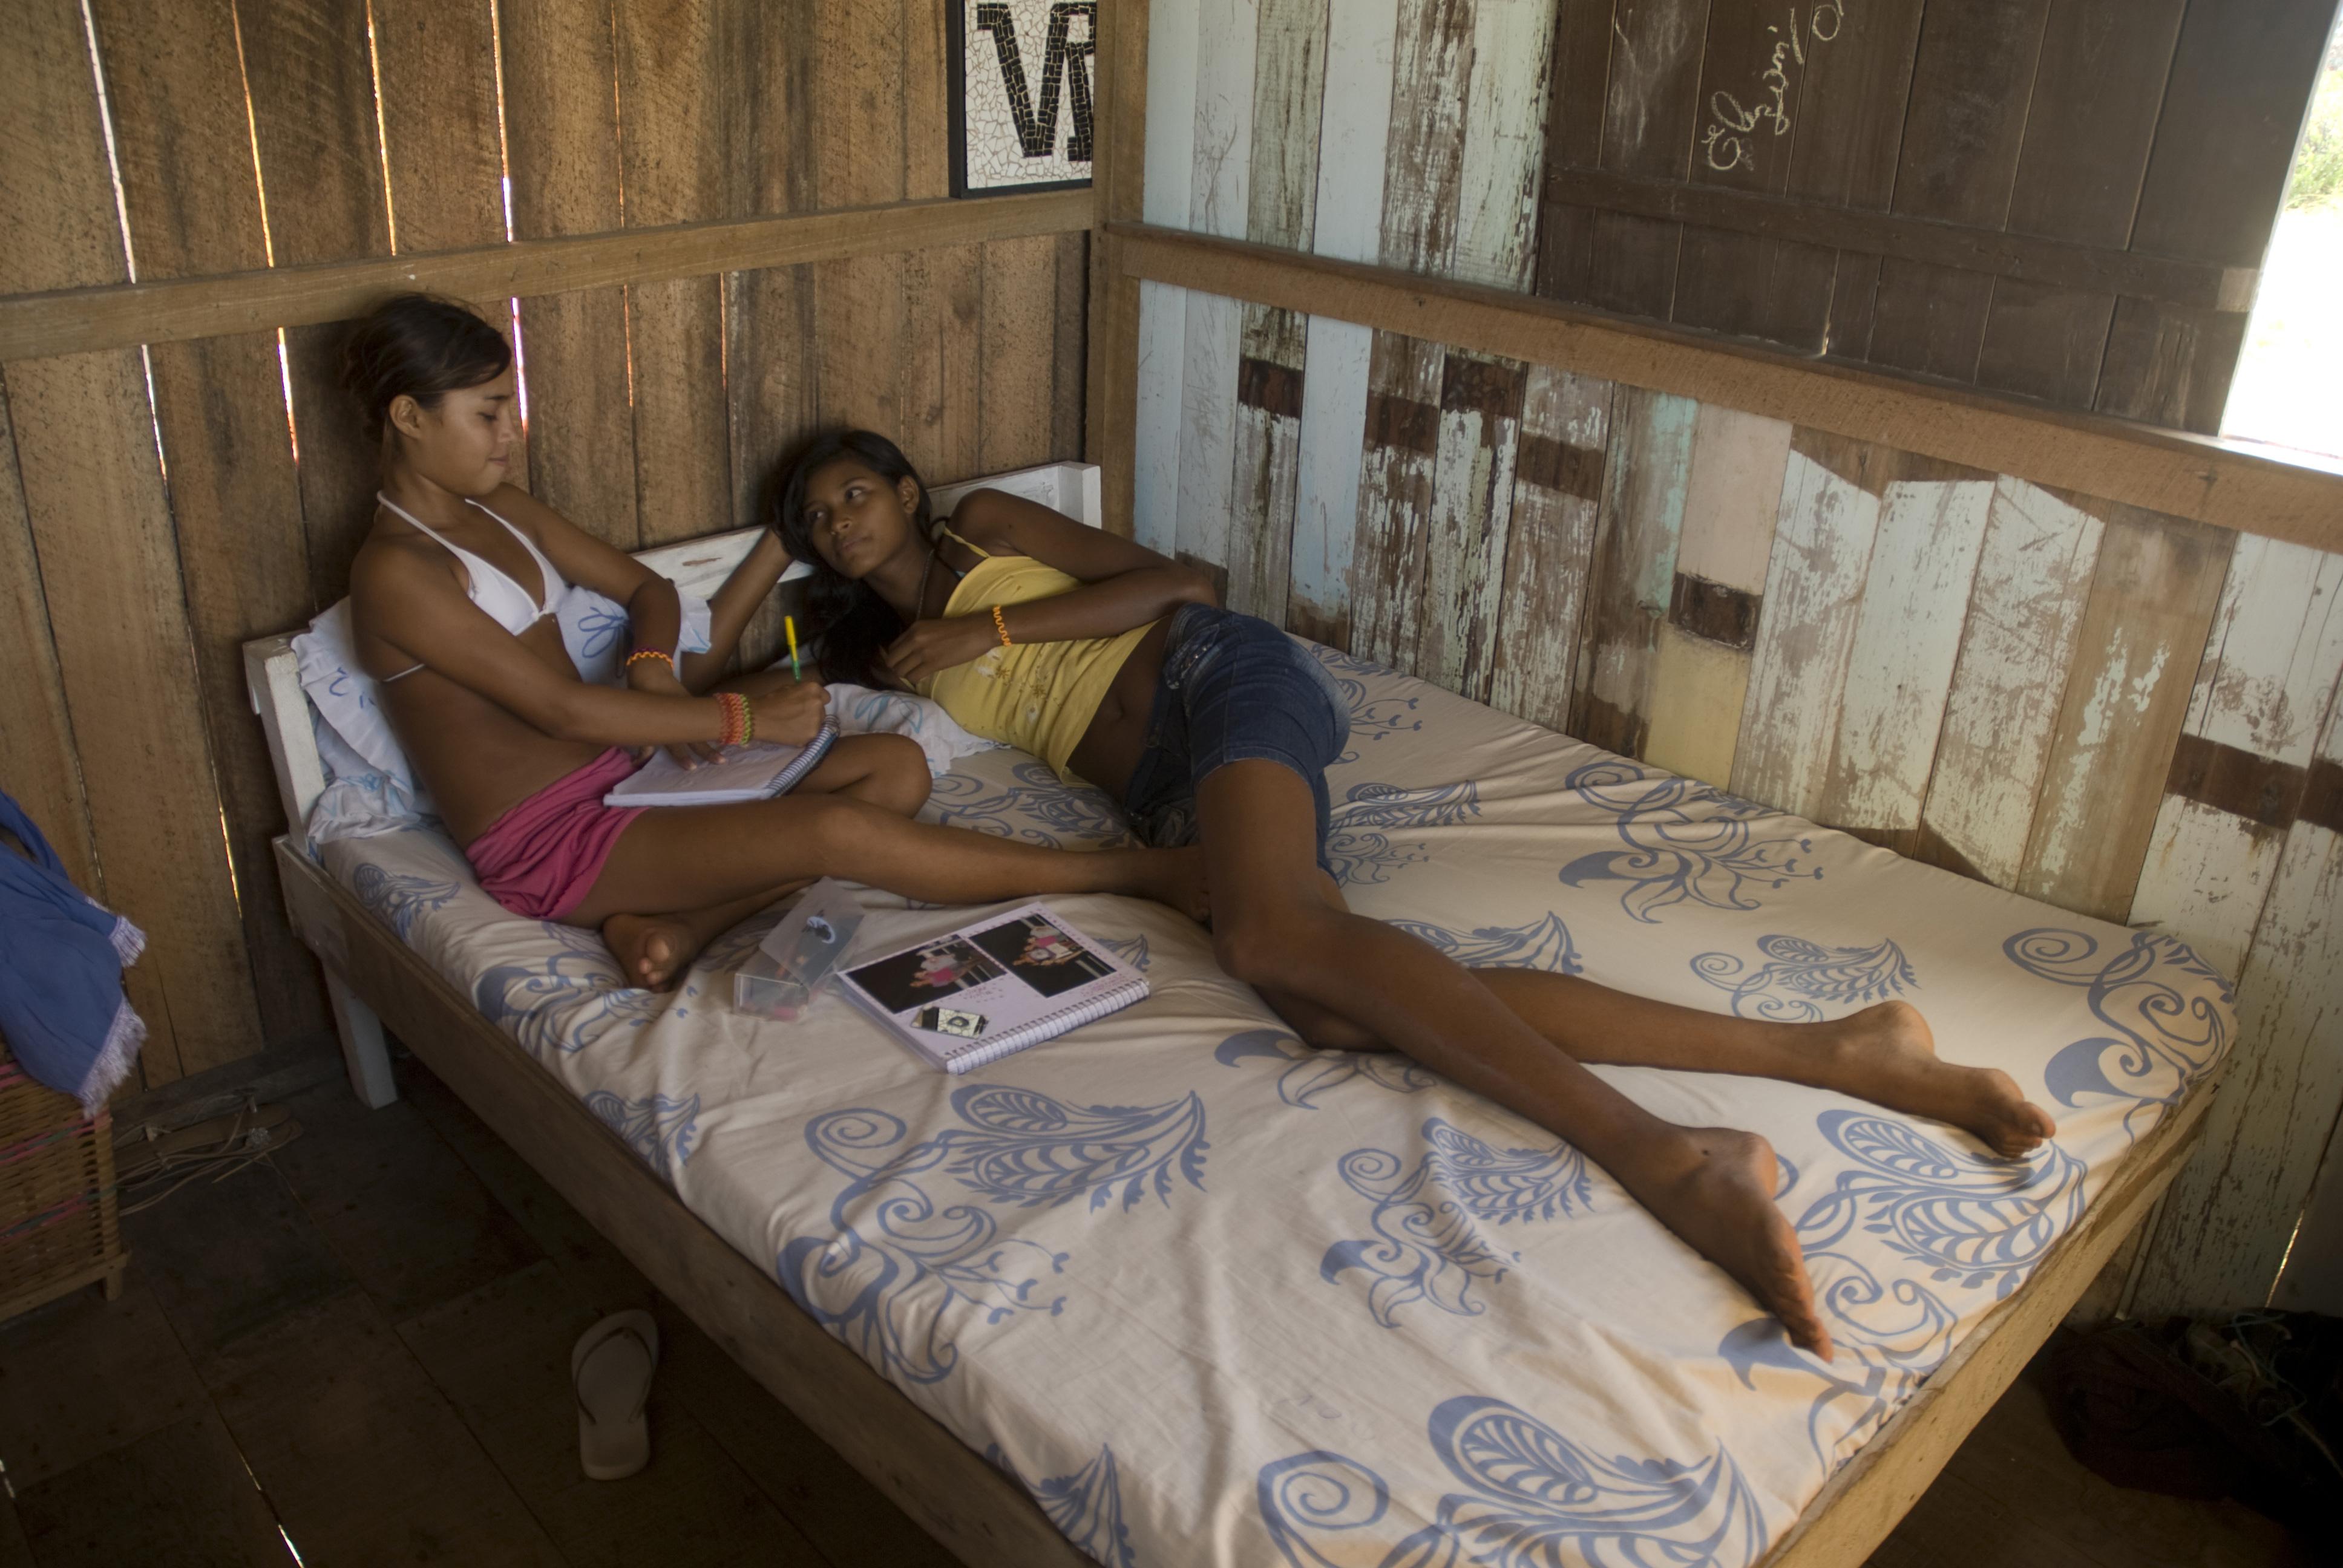 Рассказы девочки мастурбация 14 фотография